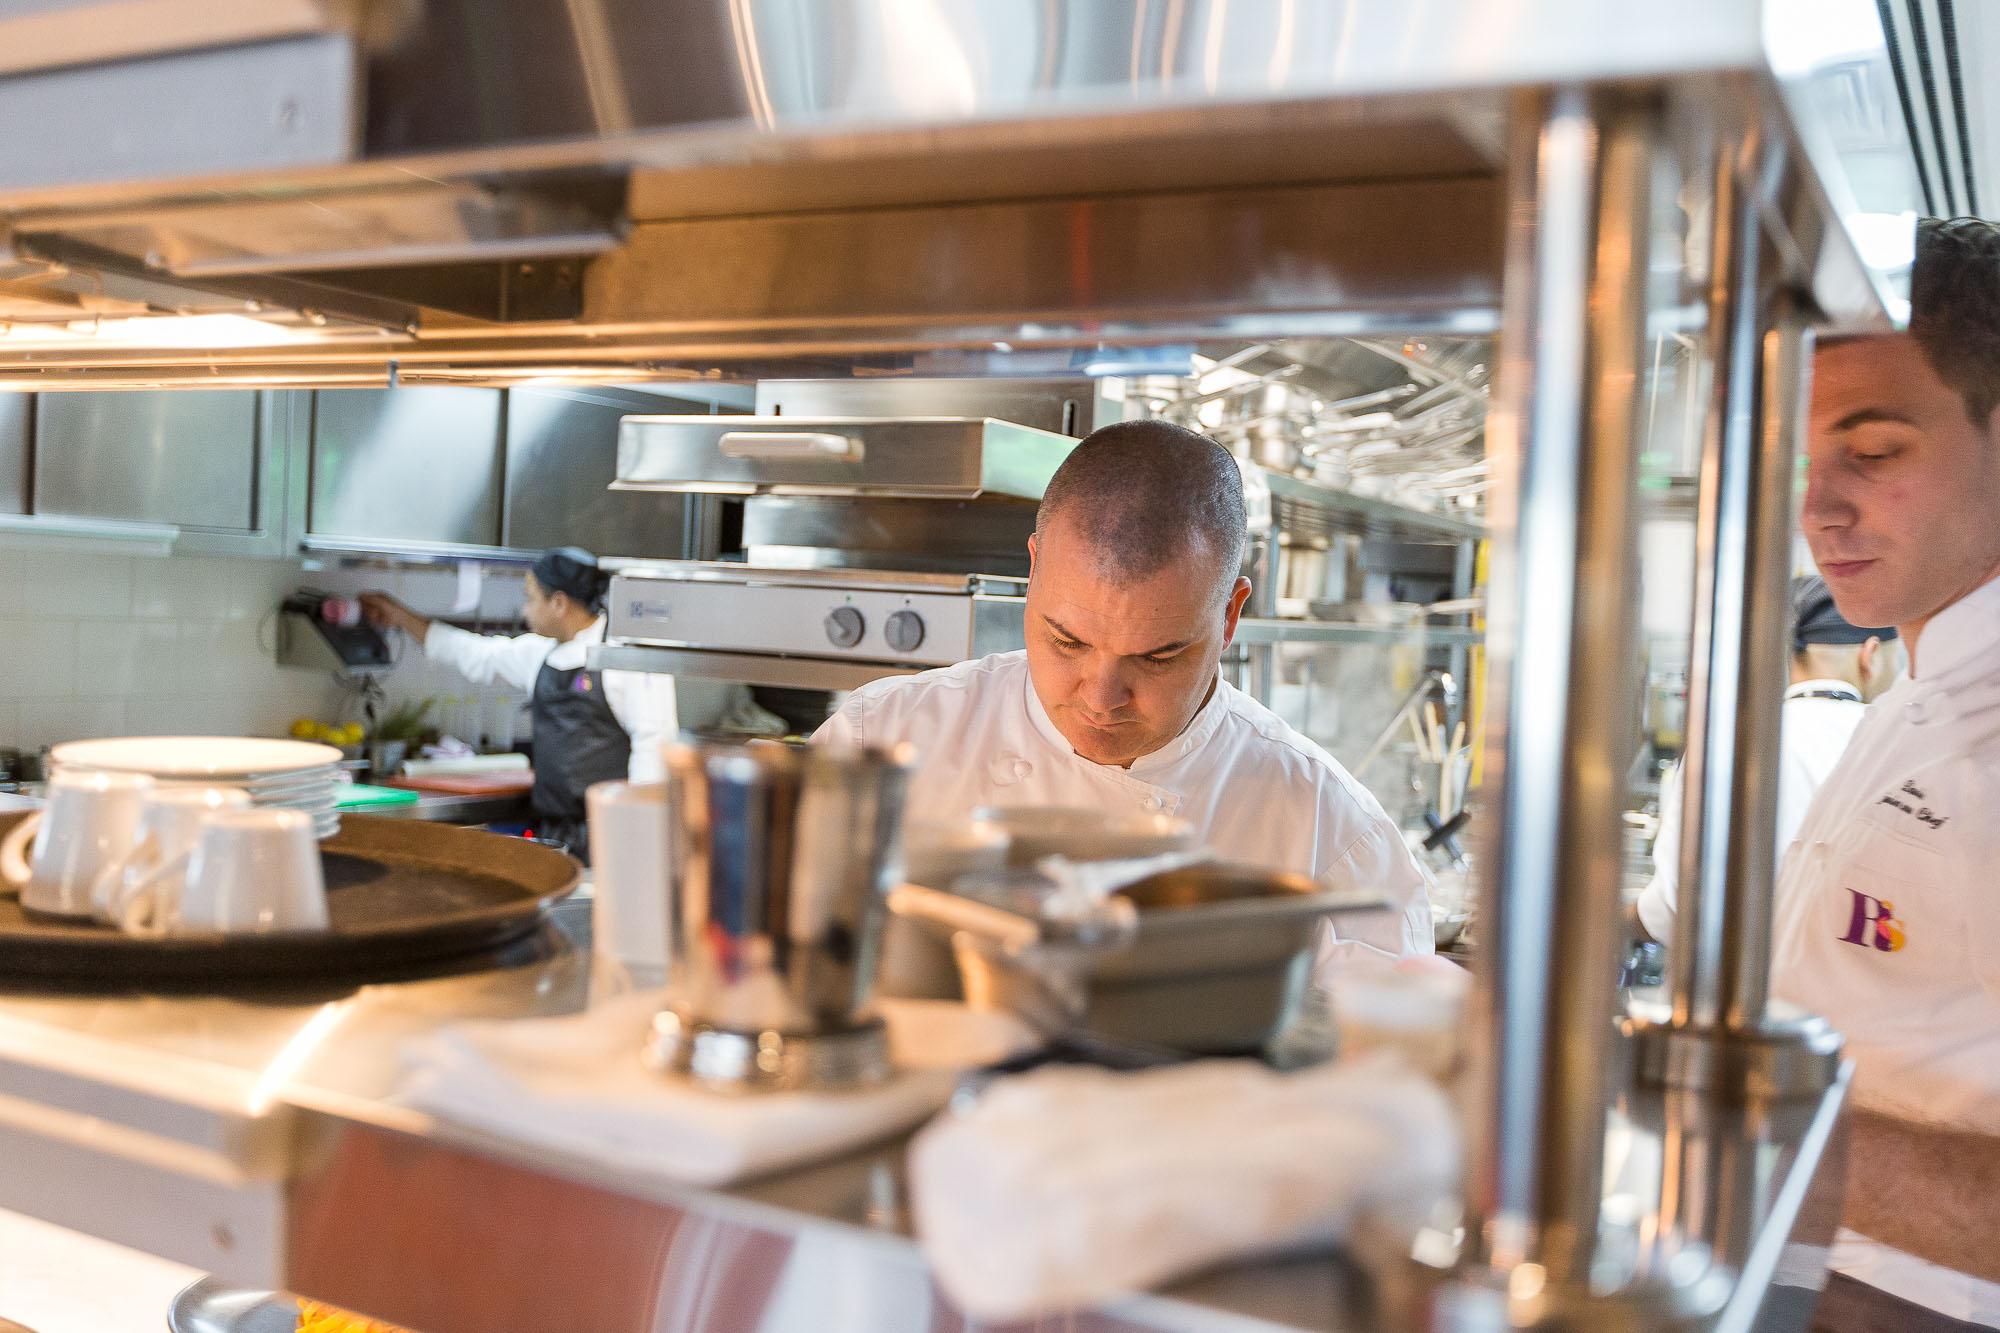 italia_kitchen_robertos_abu_dhabi_01